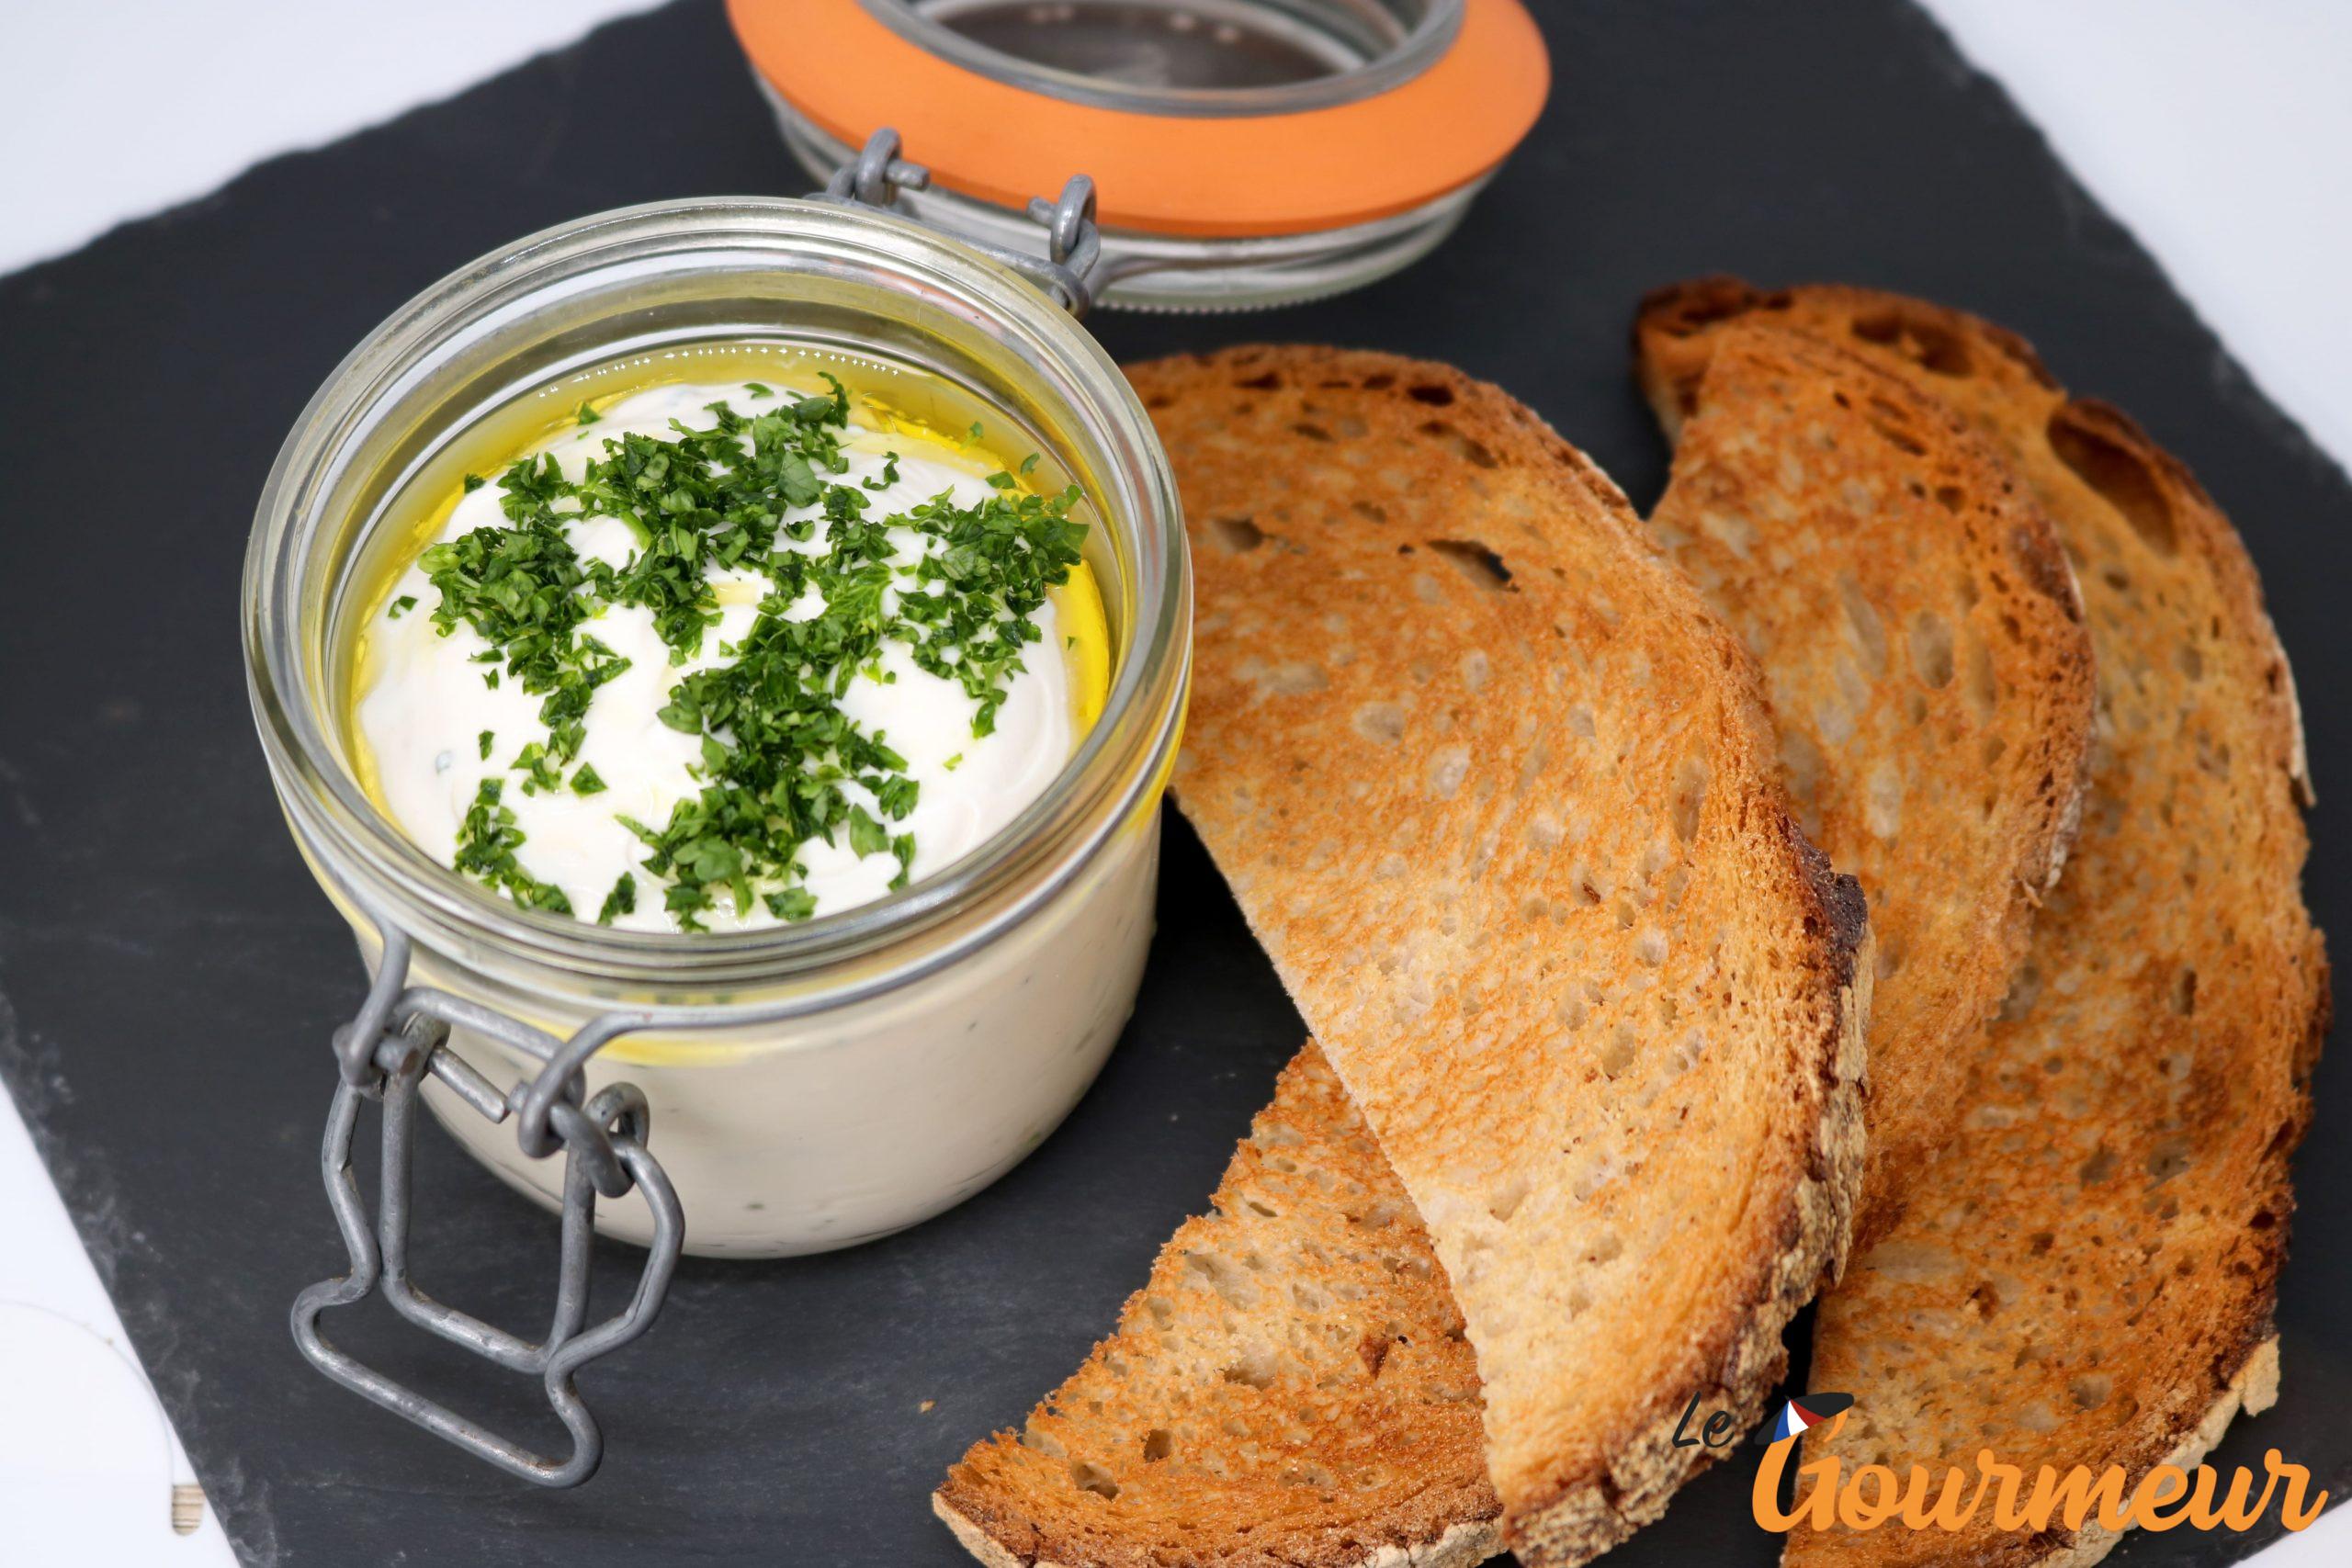 cervelle de canut fromage spécialité de Lyon